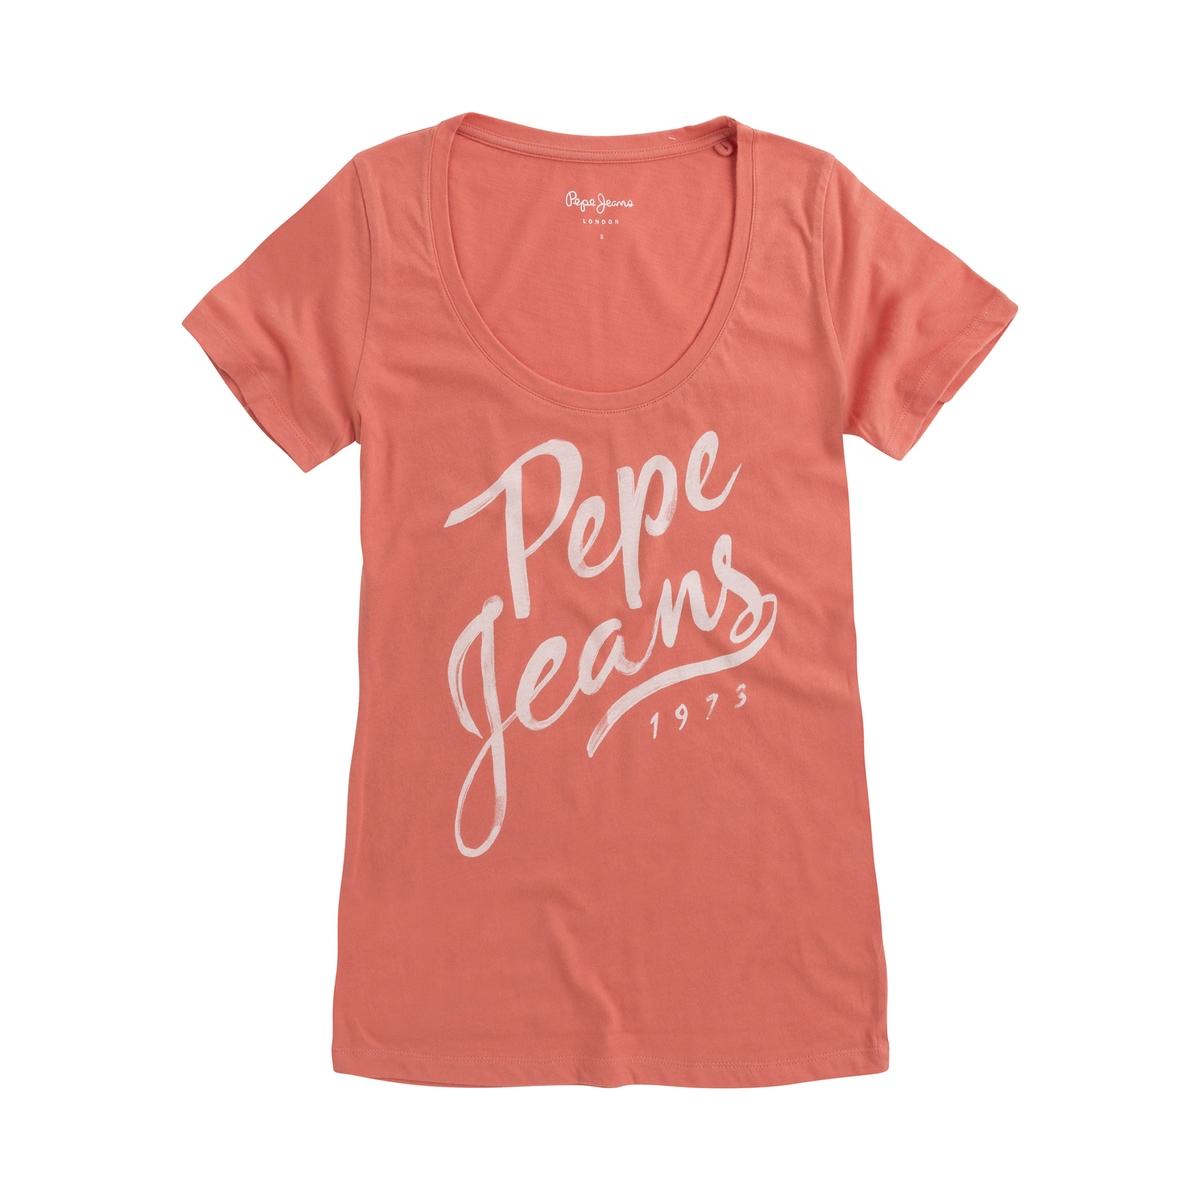 Imagen principal de producto de Camiseta con cuello redondo estampado delante Andrea - Pepe Jeans